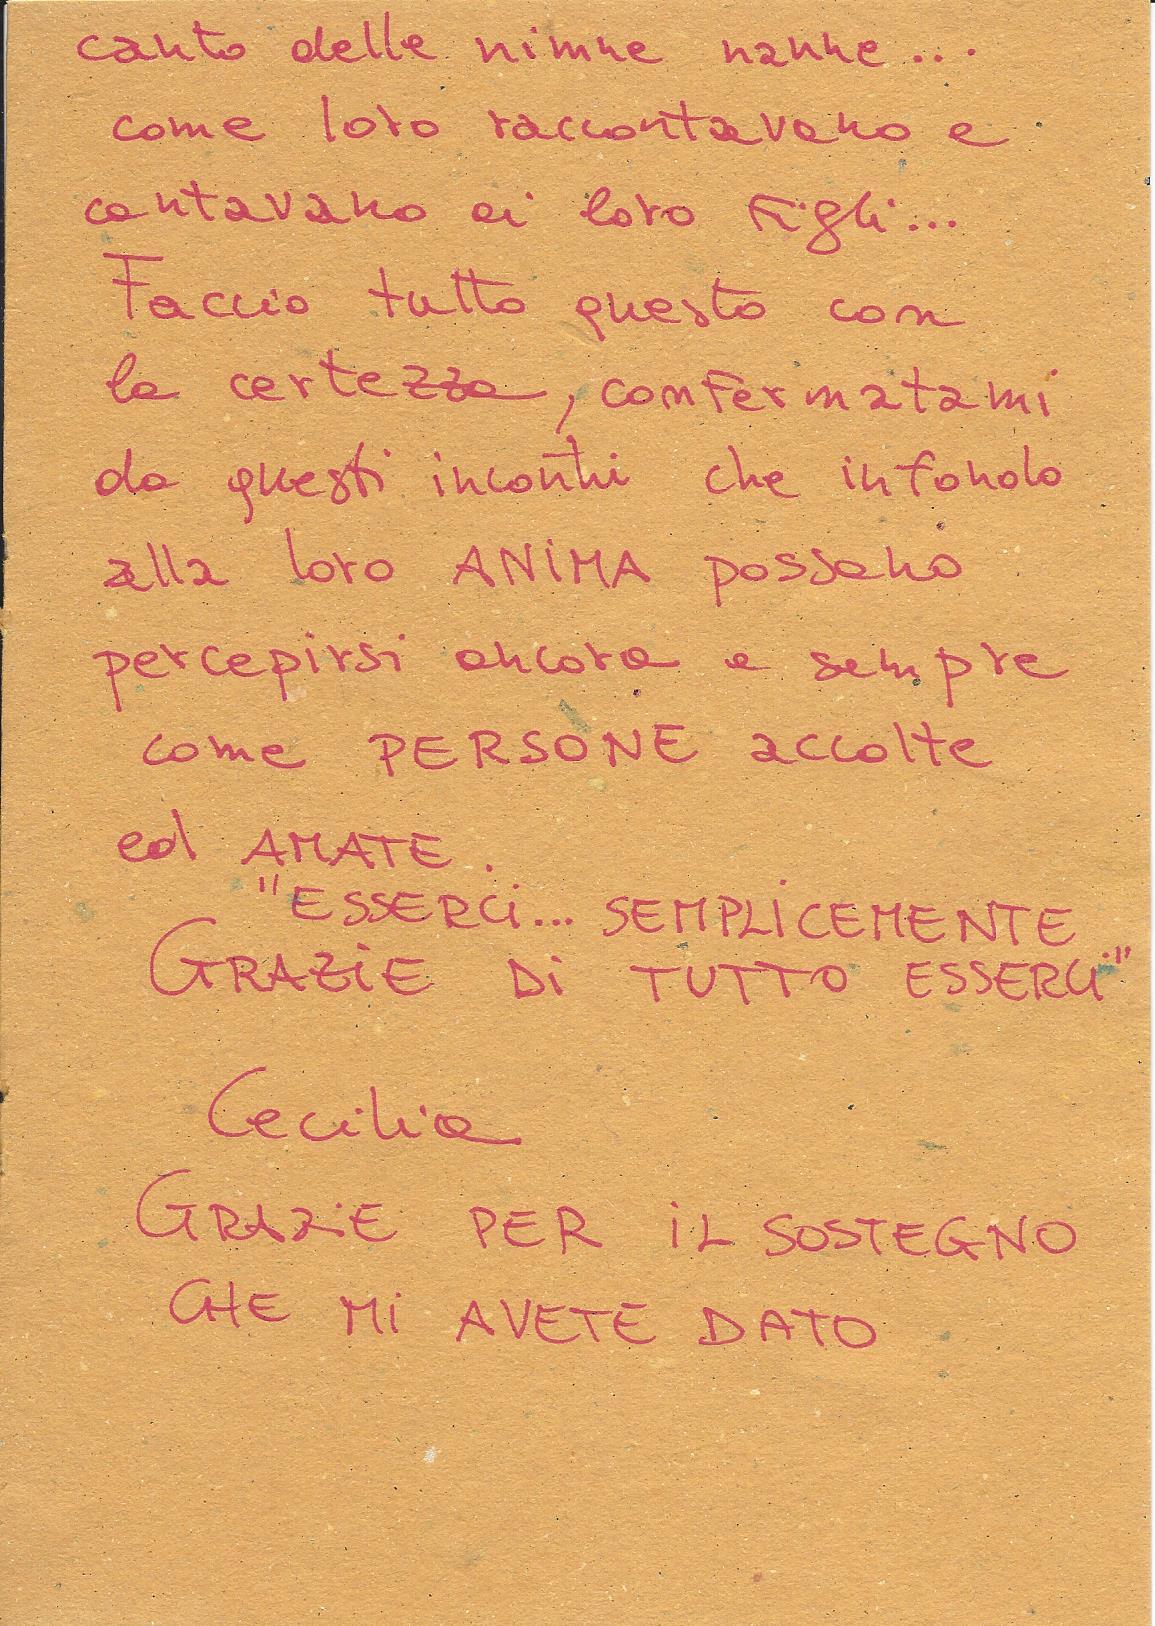 Lettera Cecilia 3jpg